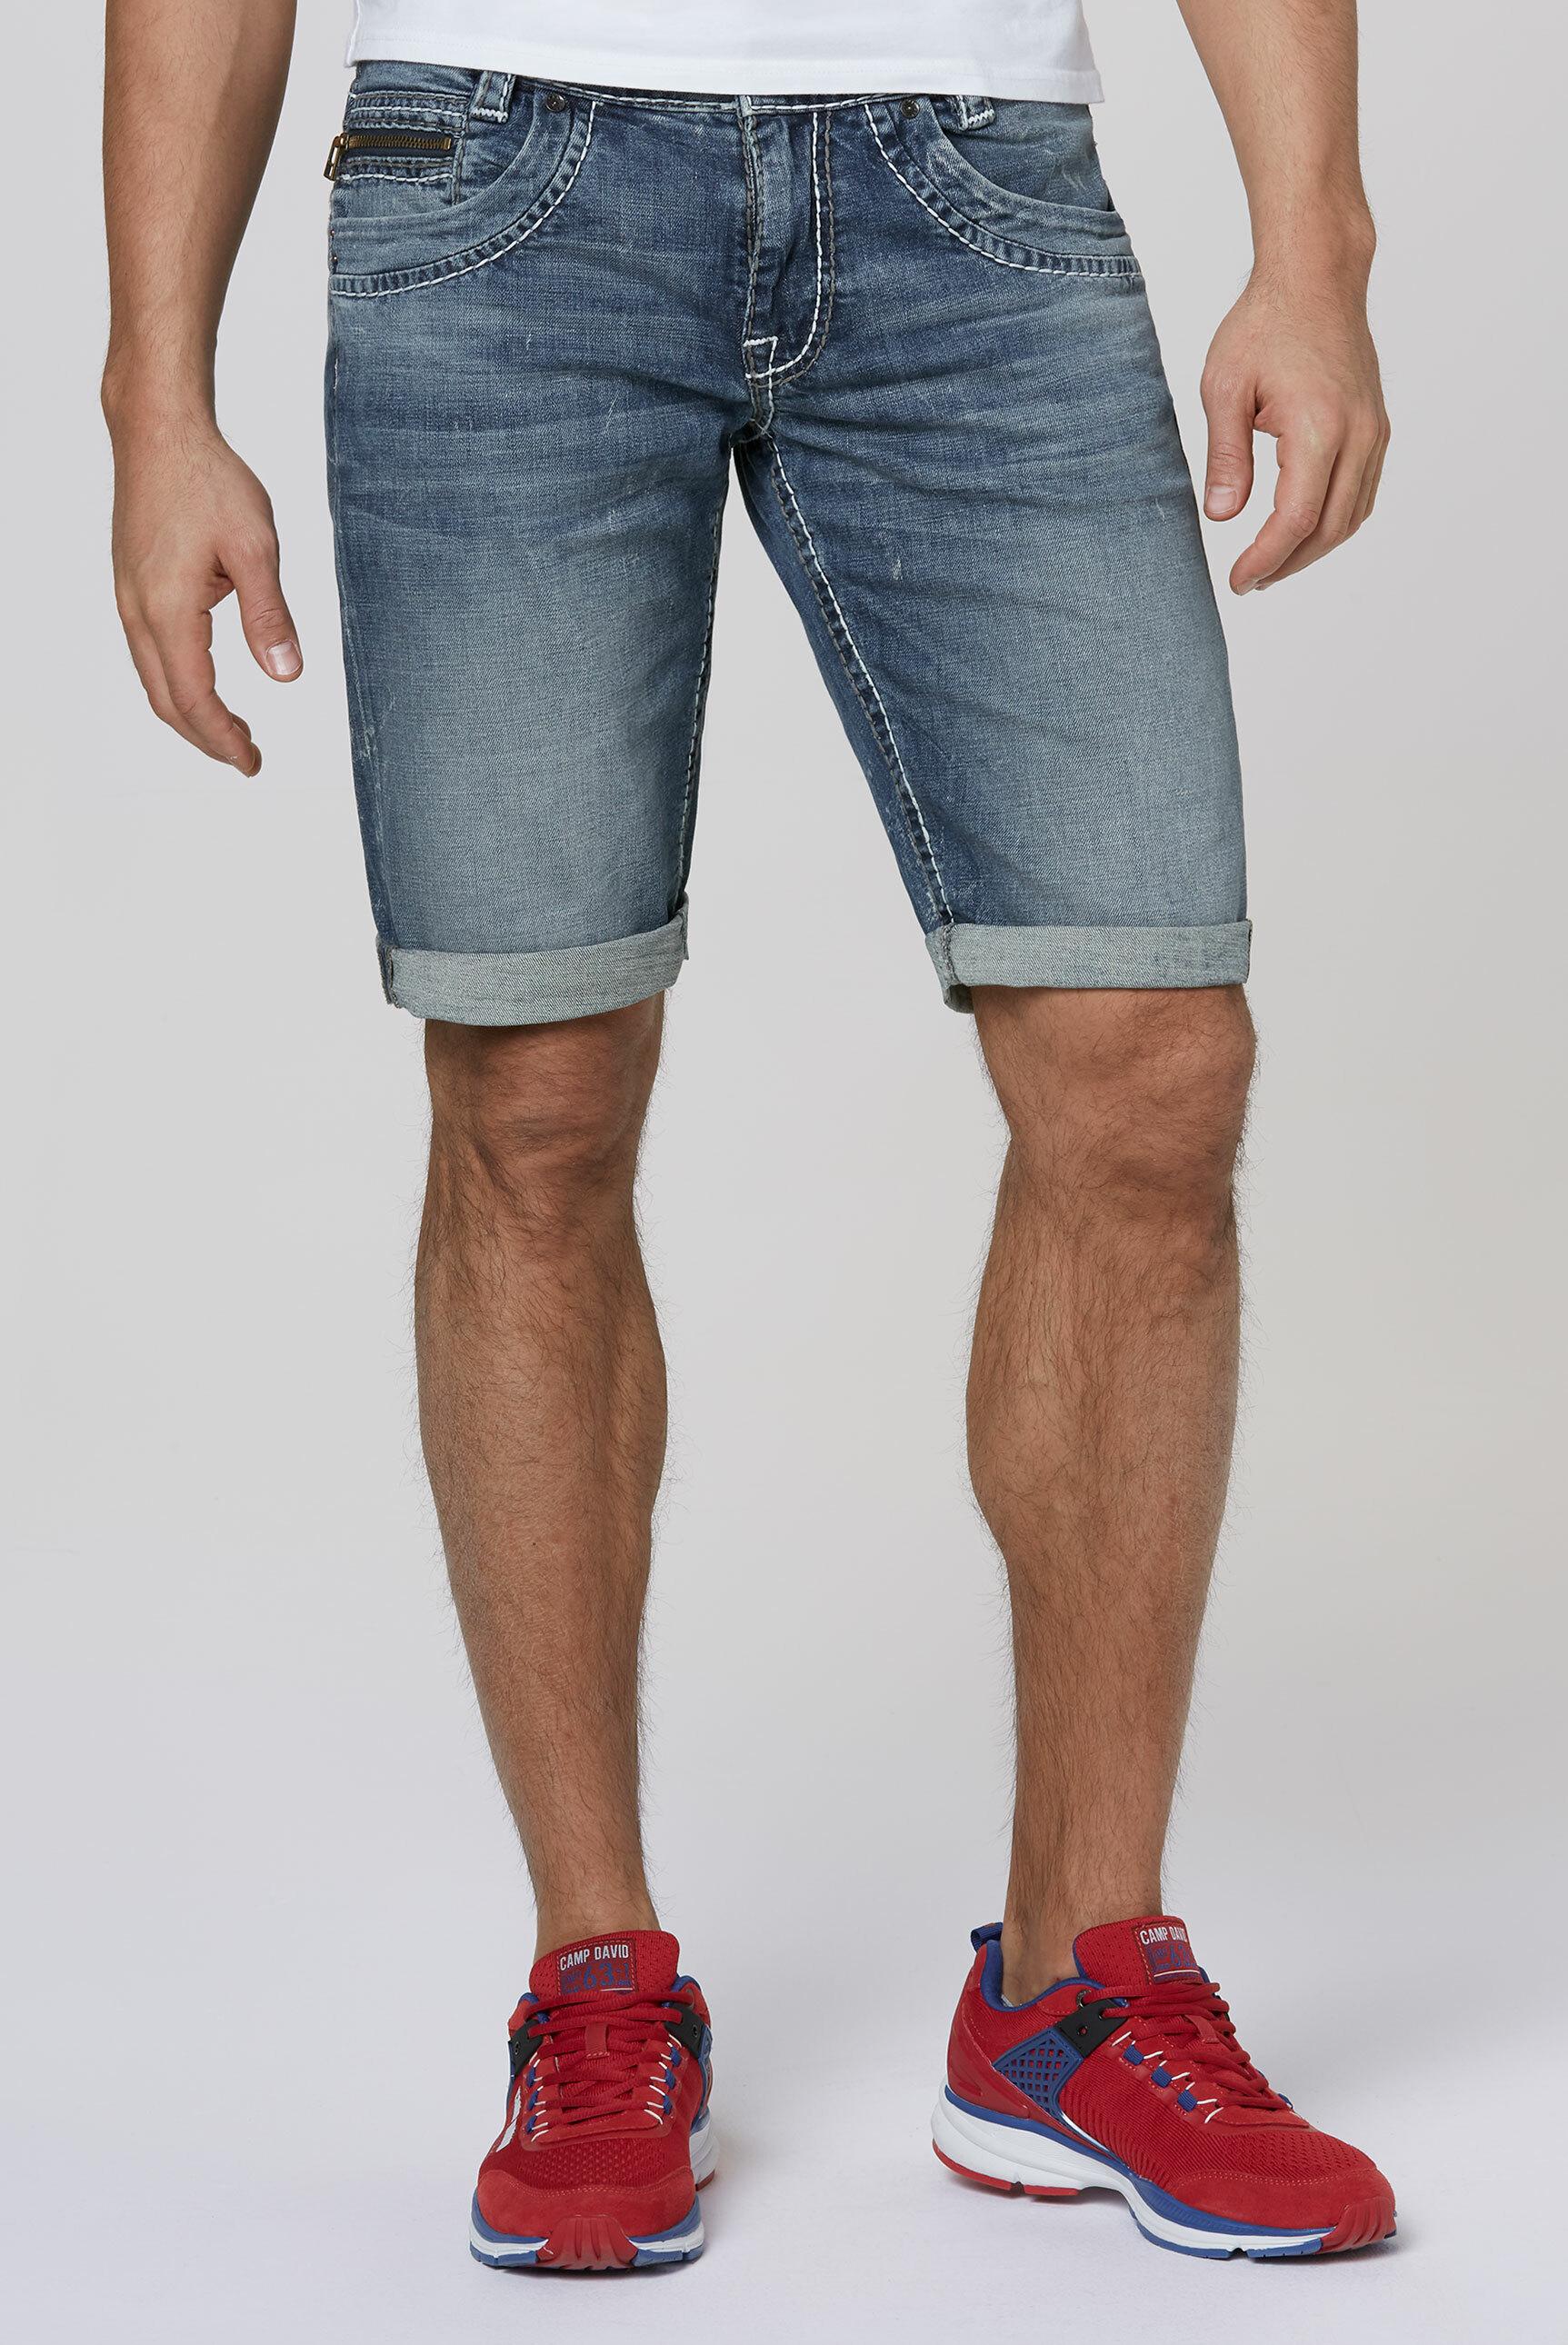 Skater Jeans NI:CK mit Vintage Look